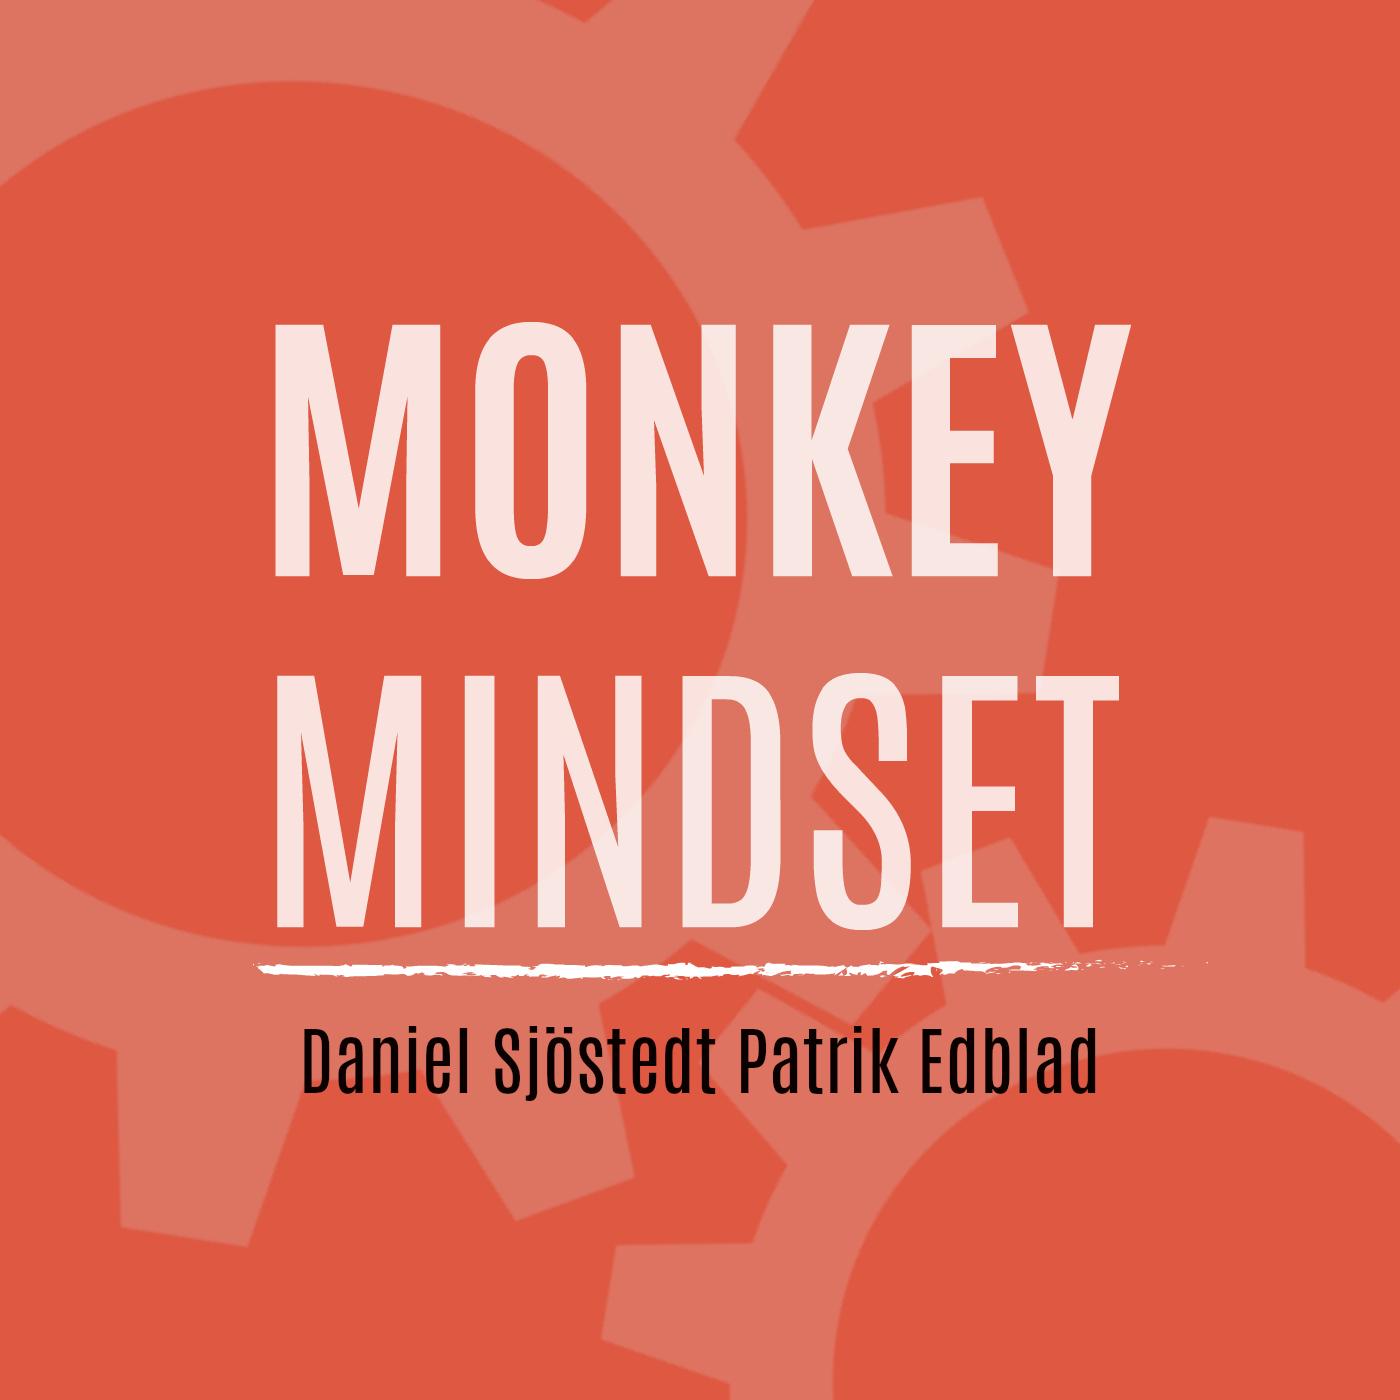 Monkey mindset – mental träning show art